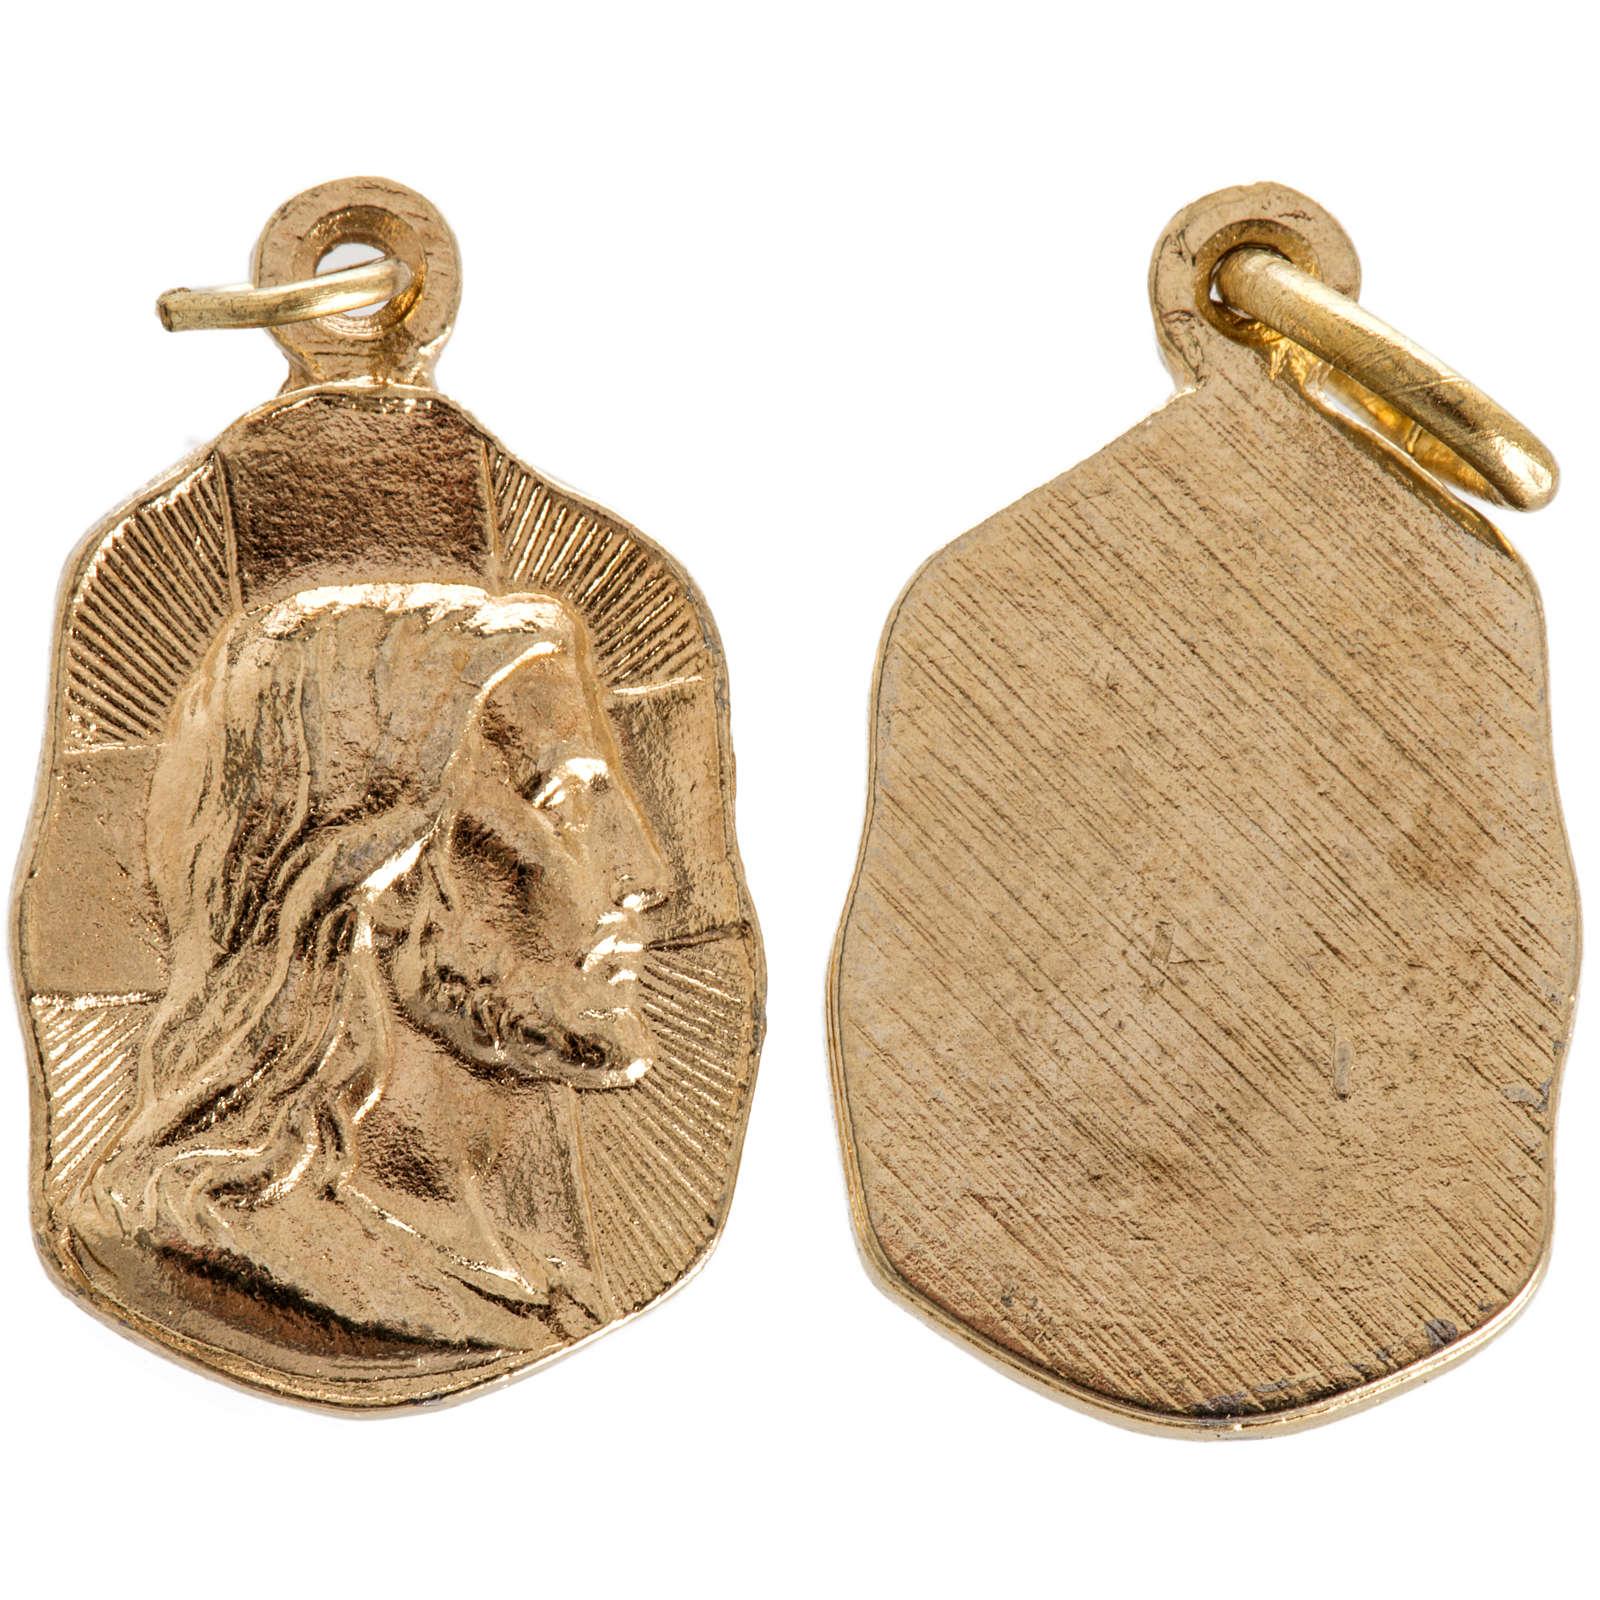 Face of Christ medal in golden metal 19mm 4